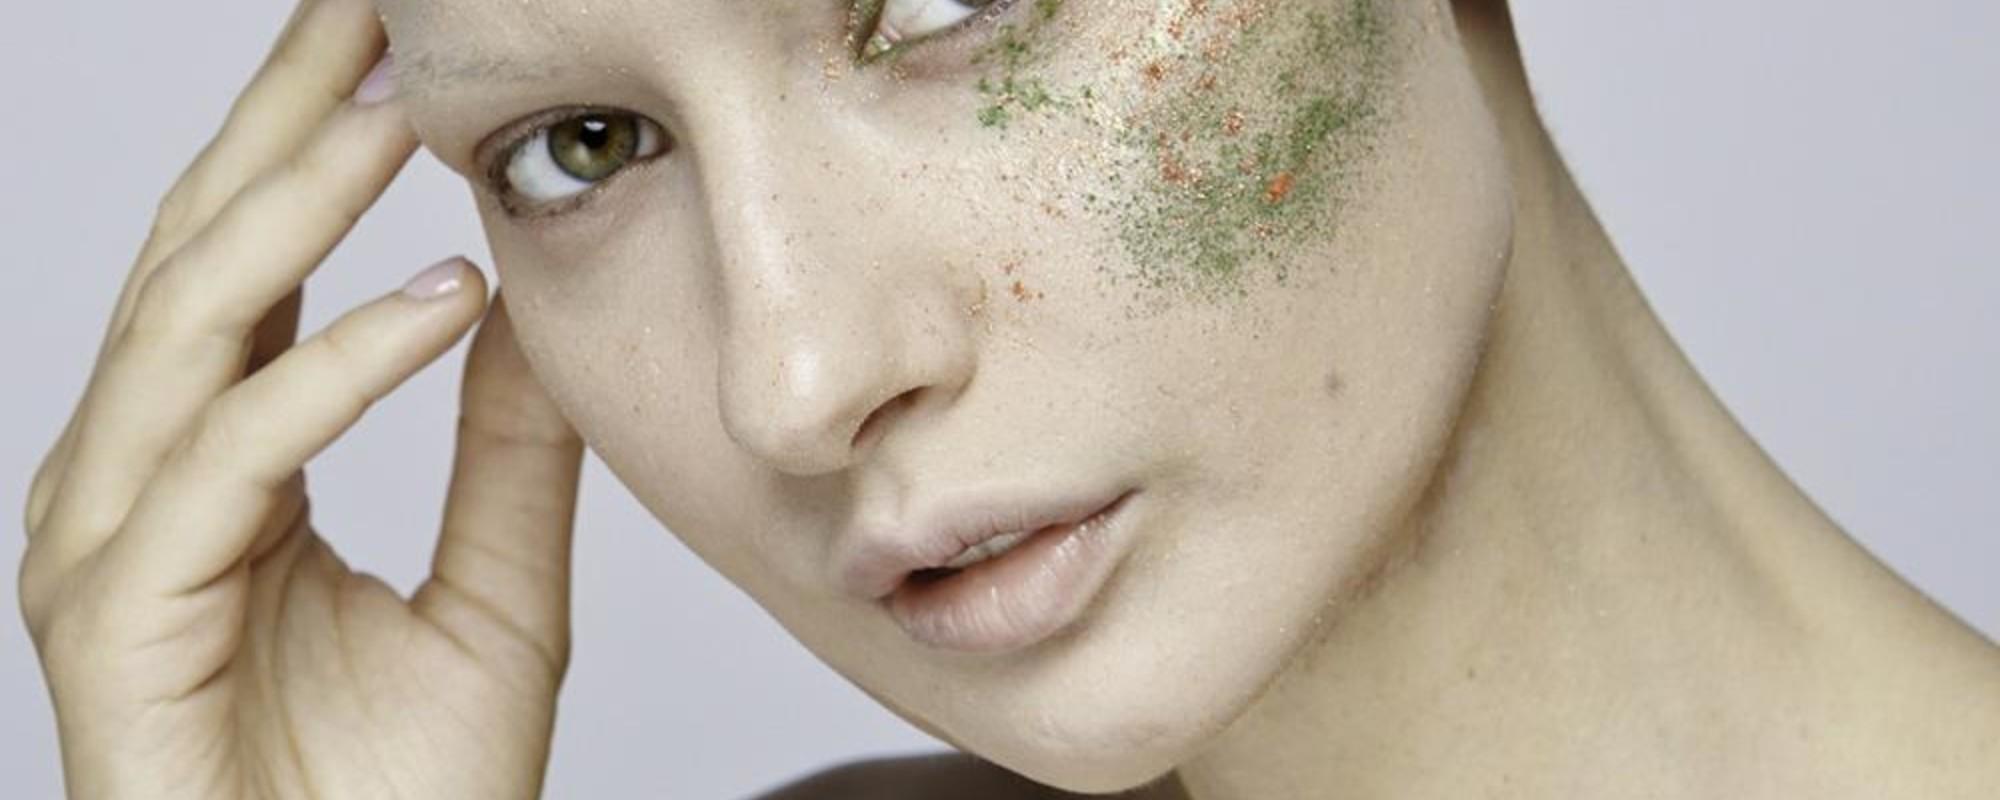 Tânăra care s-a întors la modeling, după ce și-a pierdut falca din cauza cancerului